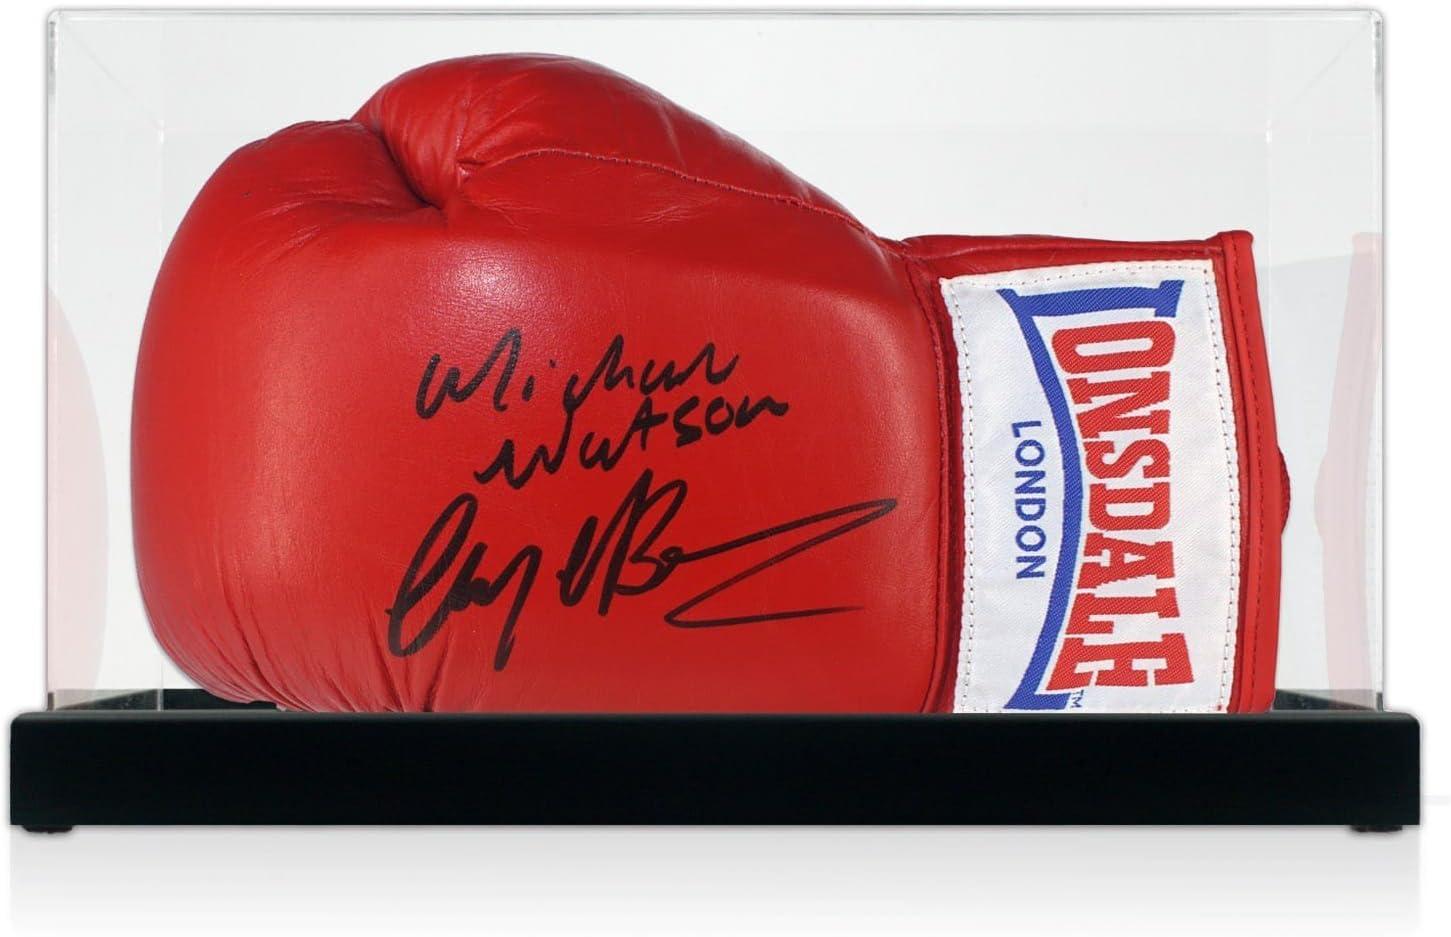 Guante de boxeo firmado por Nigel Benn y Michael Watson. En vitrina.: Amazon.es: Deportes y aire libre